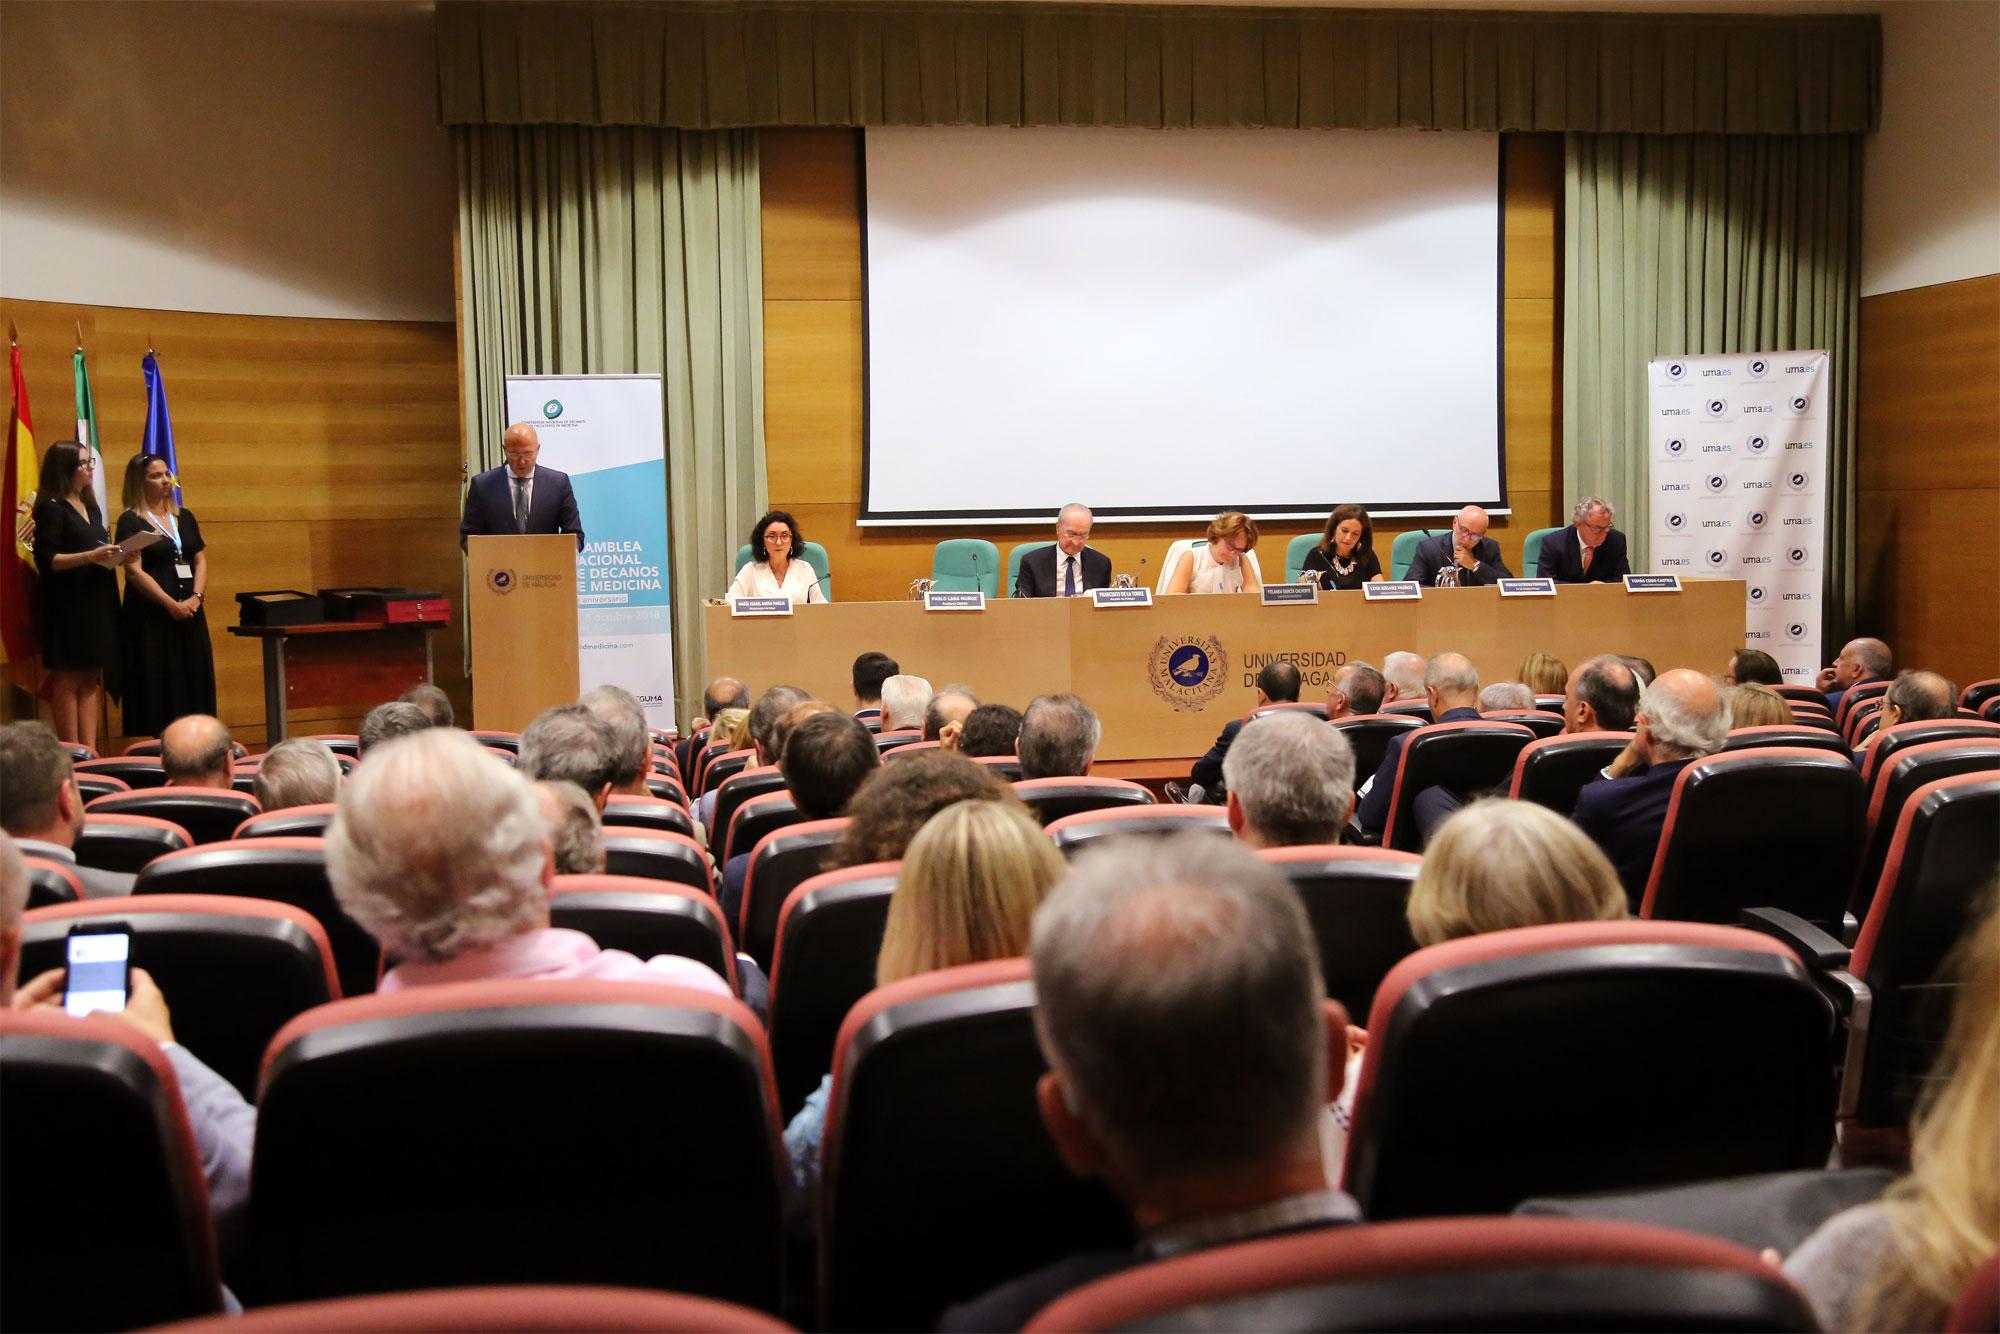 La 30 Asamblea General de la CNDFME revisa los aspectos más relevantes que rodean el desarrollo de los estudios y la profesión médica.